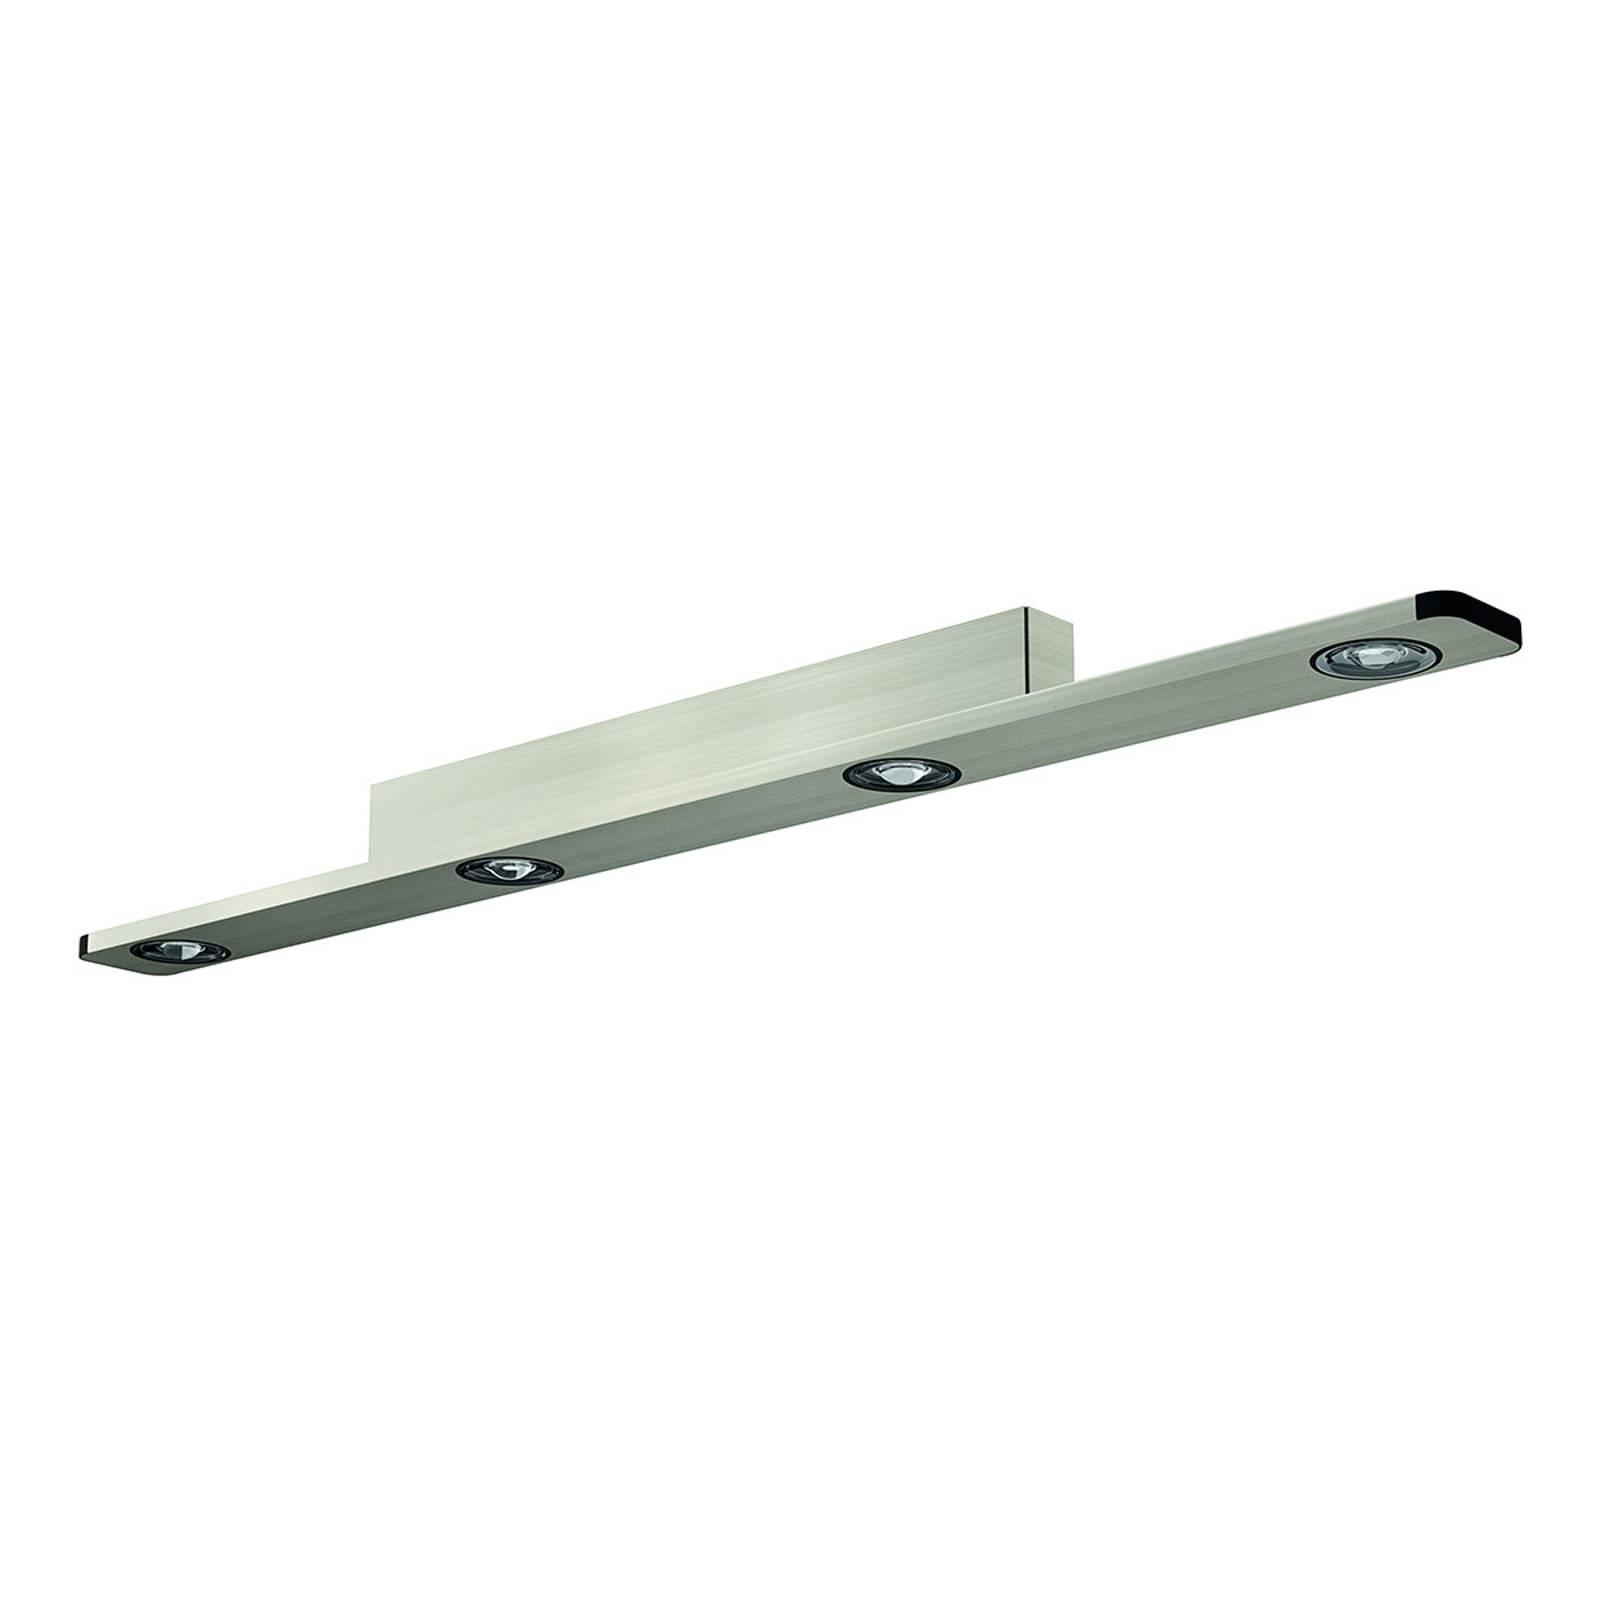 LED-Deckenleuchte Light Wave, dimmbar, 110 cm